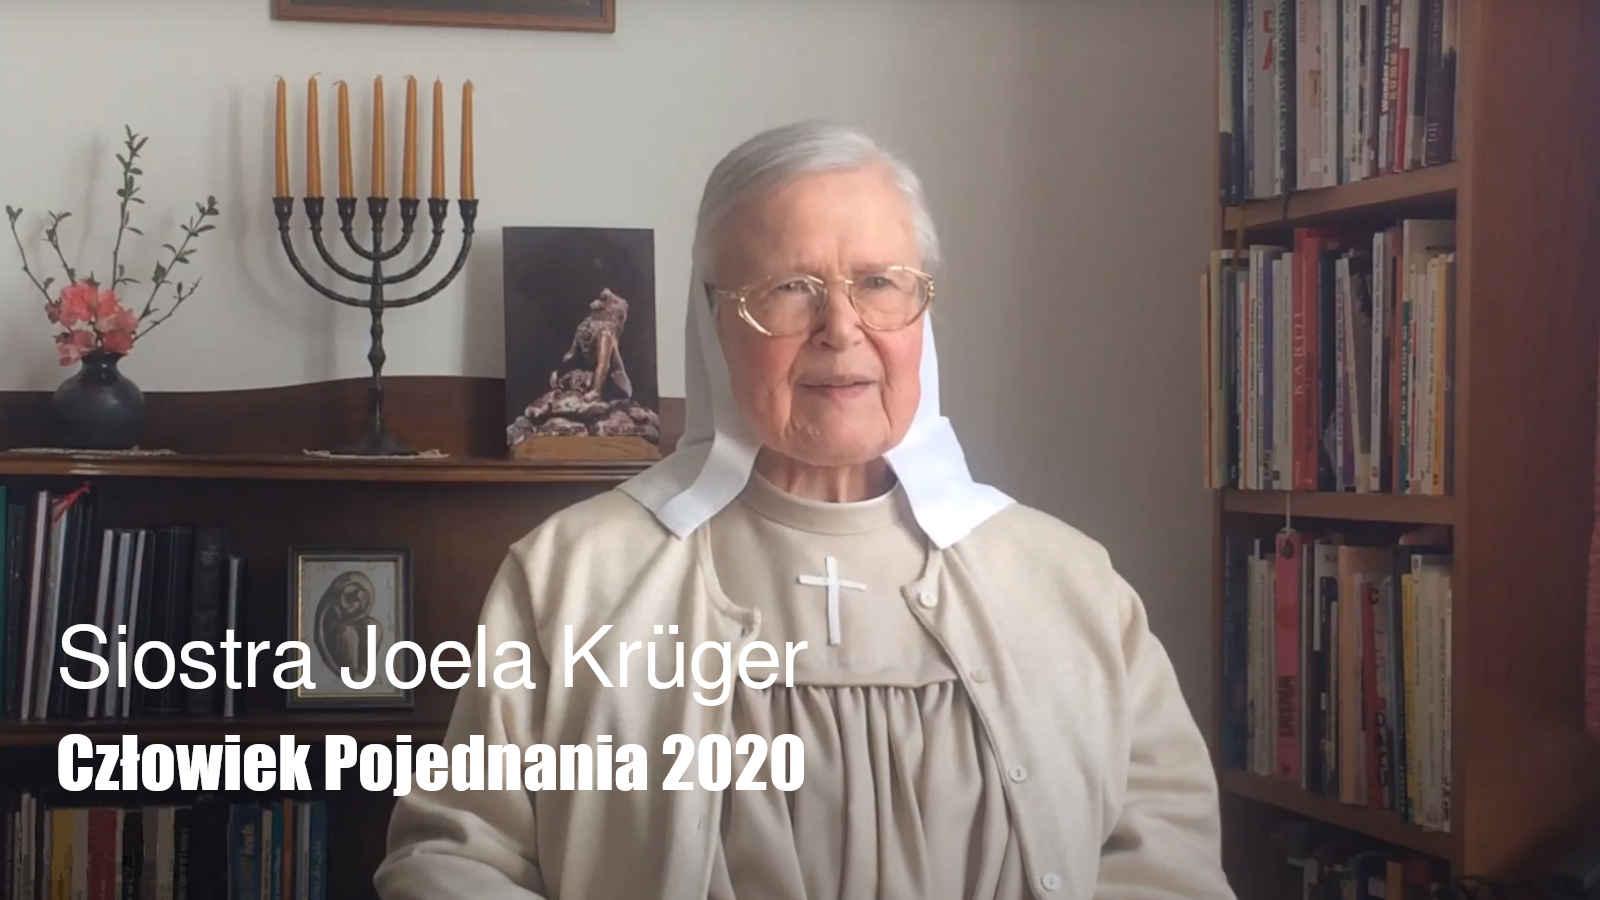 Siostra Joela Krüger- Człowiek Pojednania 2020